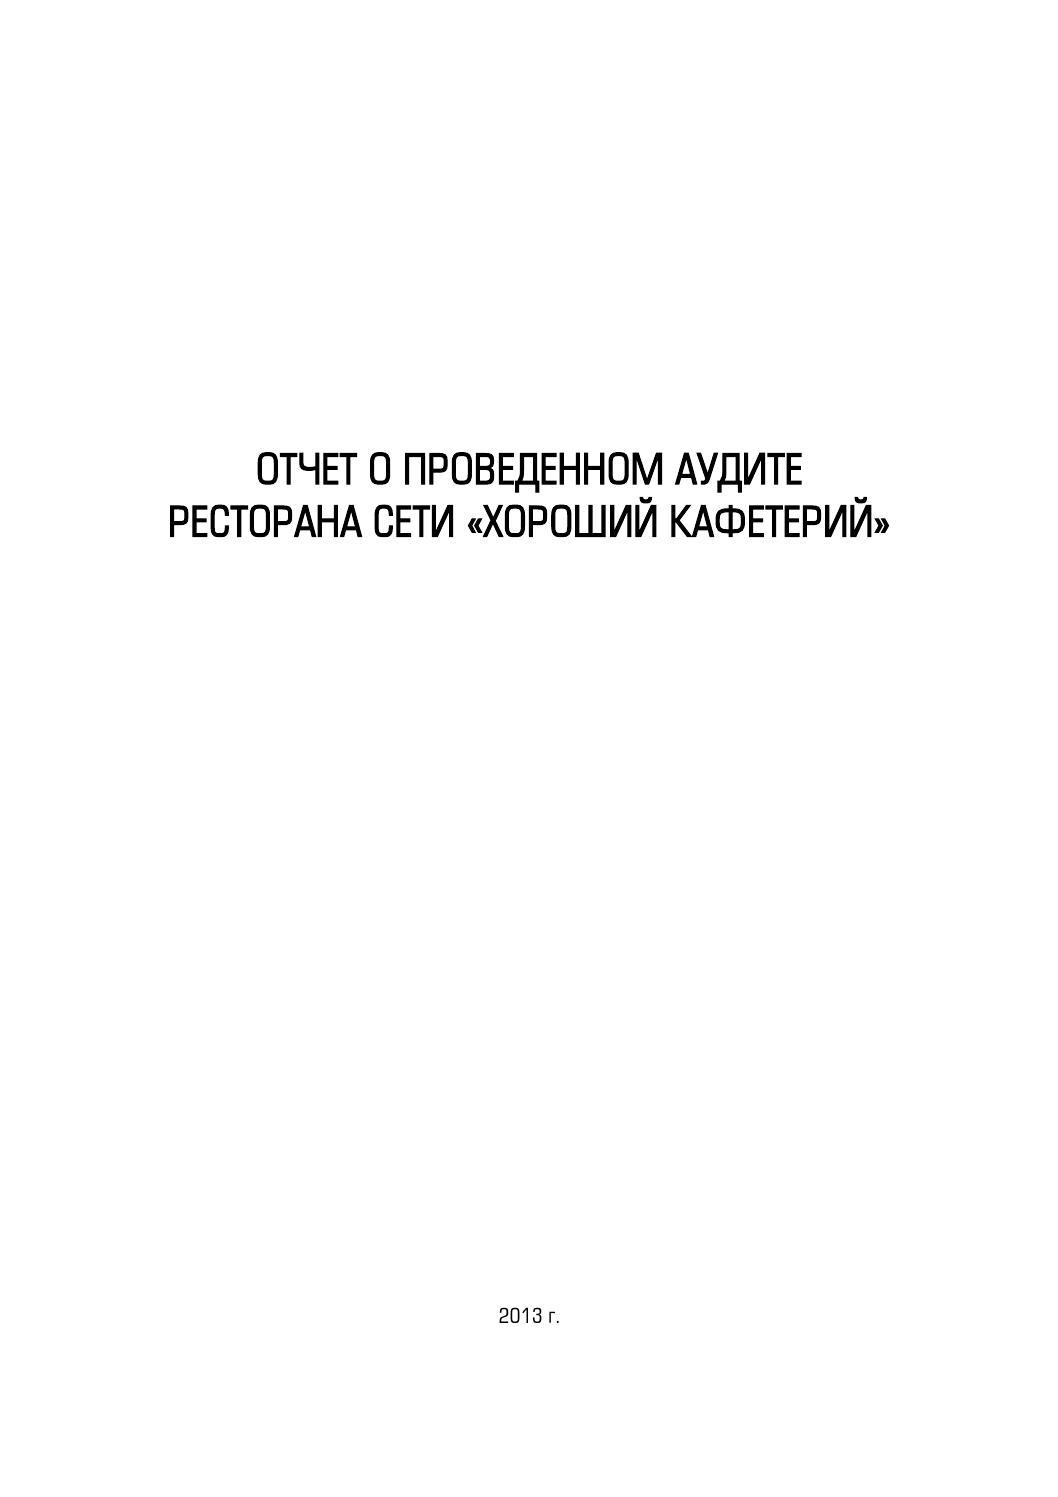 Отчет аудит кафетерий by александр мусатов issuu